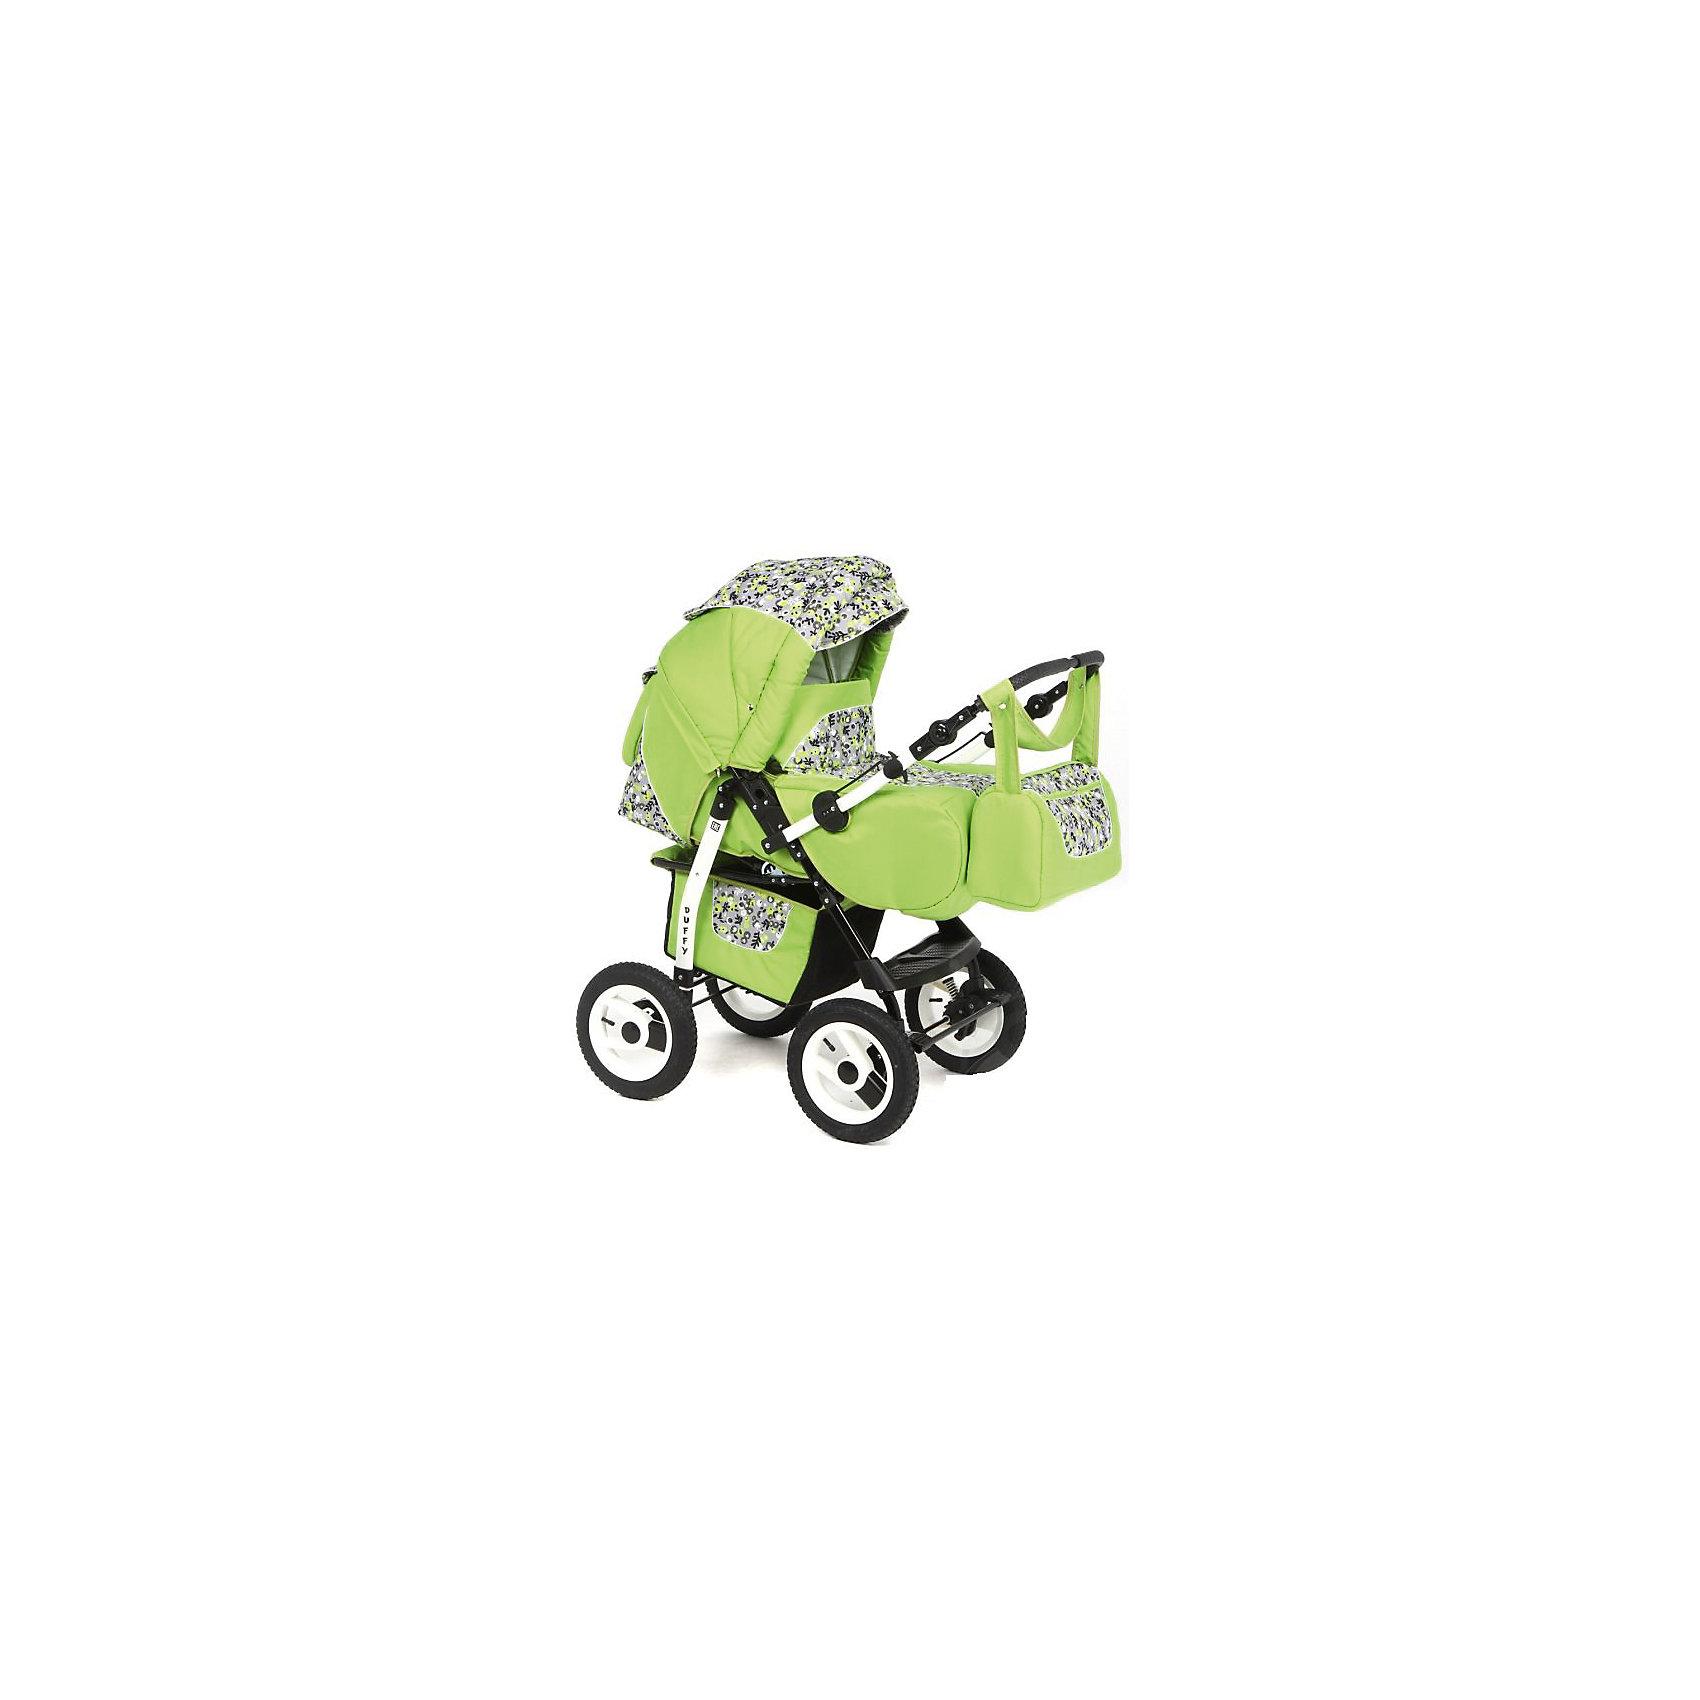 Коляска-трансформер DUFFY, Marimex, зеленый-принтХарактеристики:<br><br>• Наименование: коляска-трансформер<br>• Сезон: круглый год<br>• Пол: универсальный<br>• Материал: металл, пластик, резина, текстиль<br>• Цвет: зеленый, серый, черный<br>• Тип колес: имитация<br>• Диаметр передних колес: 30 см<br>• Диаметр задних колес: 30 см<br>• Ширина шасси: 60 см<br>• Механизм складывания: книжка<br>• Амортизация: пружинный механизм<br>• Наличие ремней безопасности<br>• Размеры люльки (Ш*Д*В): 38*83*29 см<br>• Размеры прогулочного блока (Ш*Д): 31*24 см<br>• Вес: 15 кг<br>• Спинка у прогулочного блока регулируемая<br>• Ручка регулируется по высоте<br>• Дополнительно: сумка для детских принадлежностей, дождевик<br><br>ВНИМАНИЕ!!! Вставки с рисунком на коляске могут отличаться от представленных на фото!<br><br>Коляска-трансформер DUFFY, Marimex, зеленый принт – это коляска, отвечающая всем международным требованиям безопасности для детей возрастом до 3-х лет включительно. Комплектацияколяски предусматривает просторную переносную люльку и прогулочный блок с широкой подножкой и перекладиной. Коляска имеет легкий вес и компактные размеры, достаточно легко складывается и меняется на прогулочный блок. Большие по диаметру колеса обеспечивают высокую проходимость, а подвеска на пружинах – мягкий ход по неровным дорогам. Коляска выполнена из сочетания ярких и стильных цветовых оттенков. <br><br>Коляску-трансформер DUFFY, Marimex, зеленый принт можно купить в нашем интернет-магазине.<br><br>Ширина мм: 1100<br>Глубина мм: 620<br>Высота мм: 400<br>Вес г: 18000<br>Возраст от месяцев: 0<br>Возраст до месяцев: 36<br>Пол: Унисекс<br>Возраст: Детский<br>SKU: 5120626